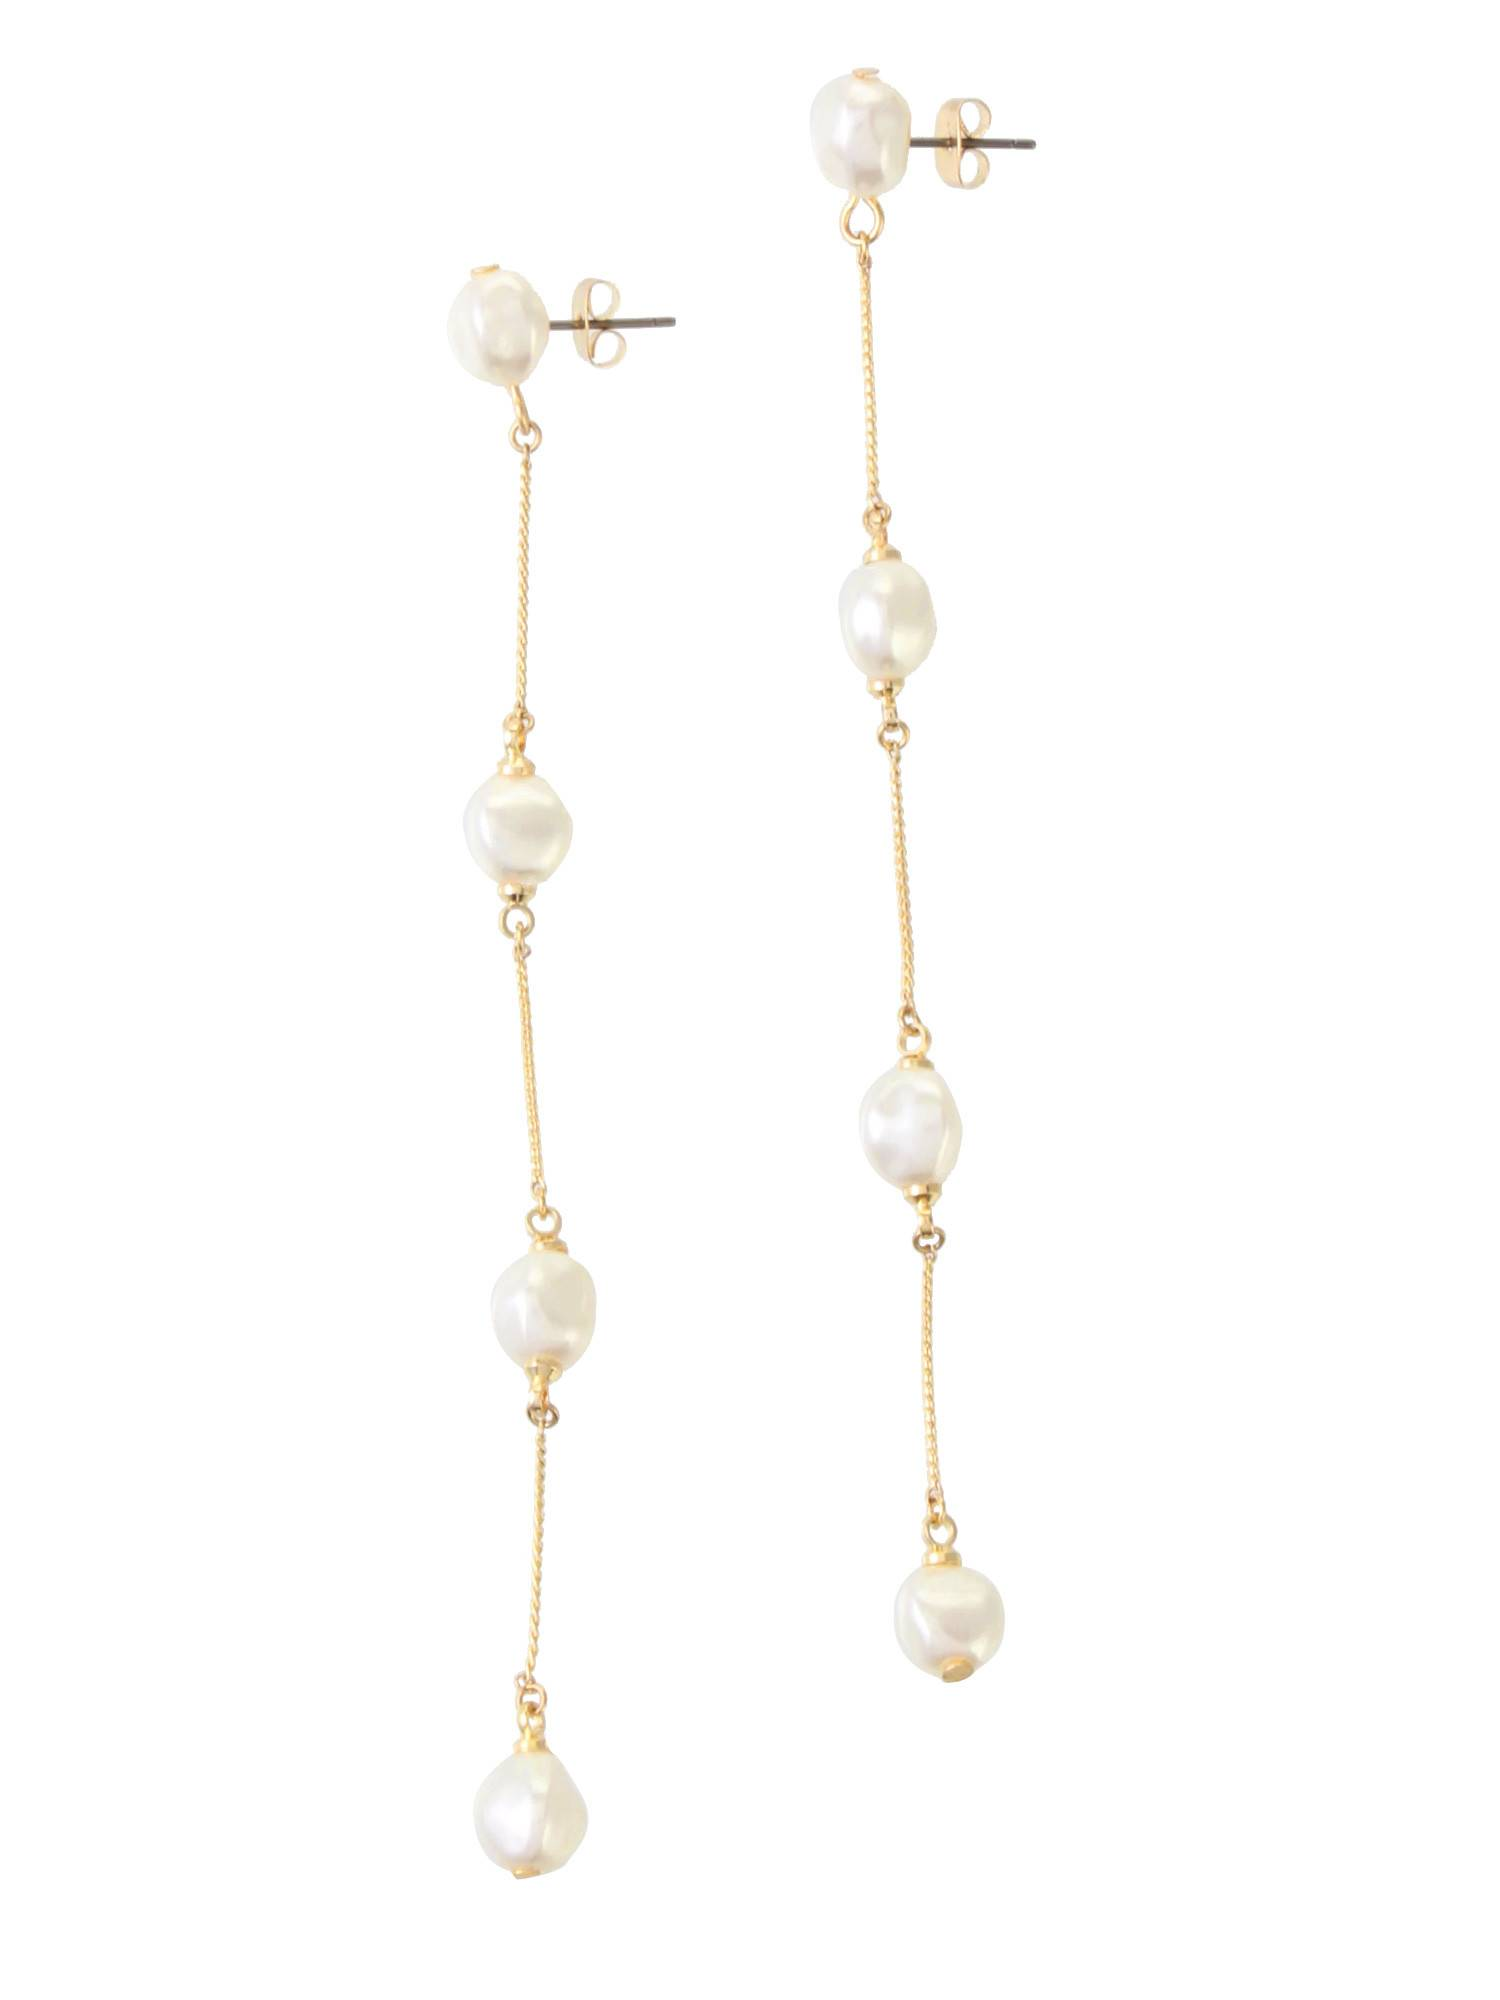 LADY假珍珠耳環鏈